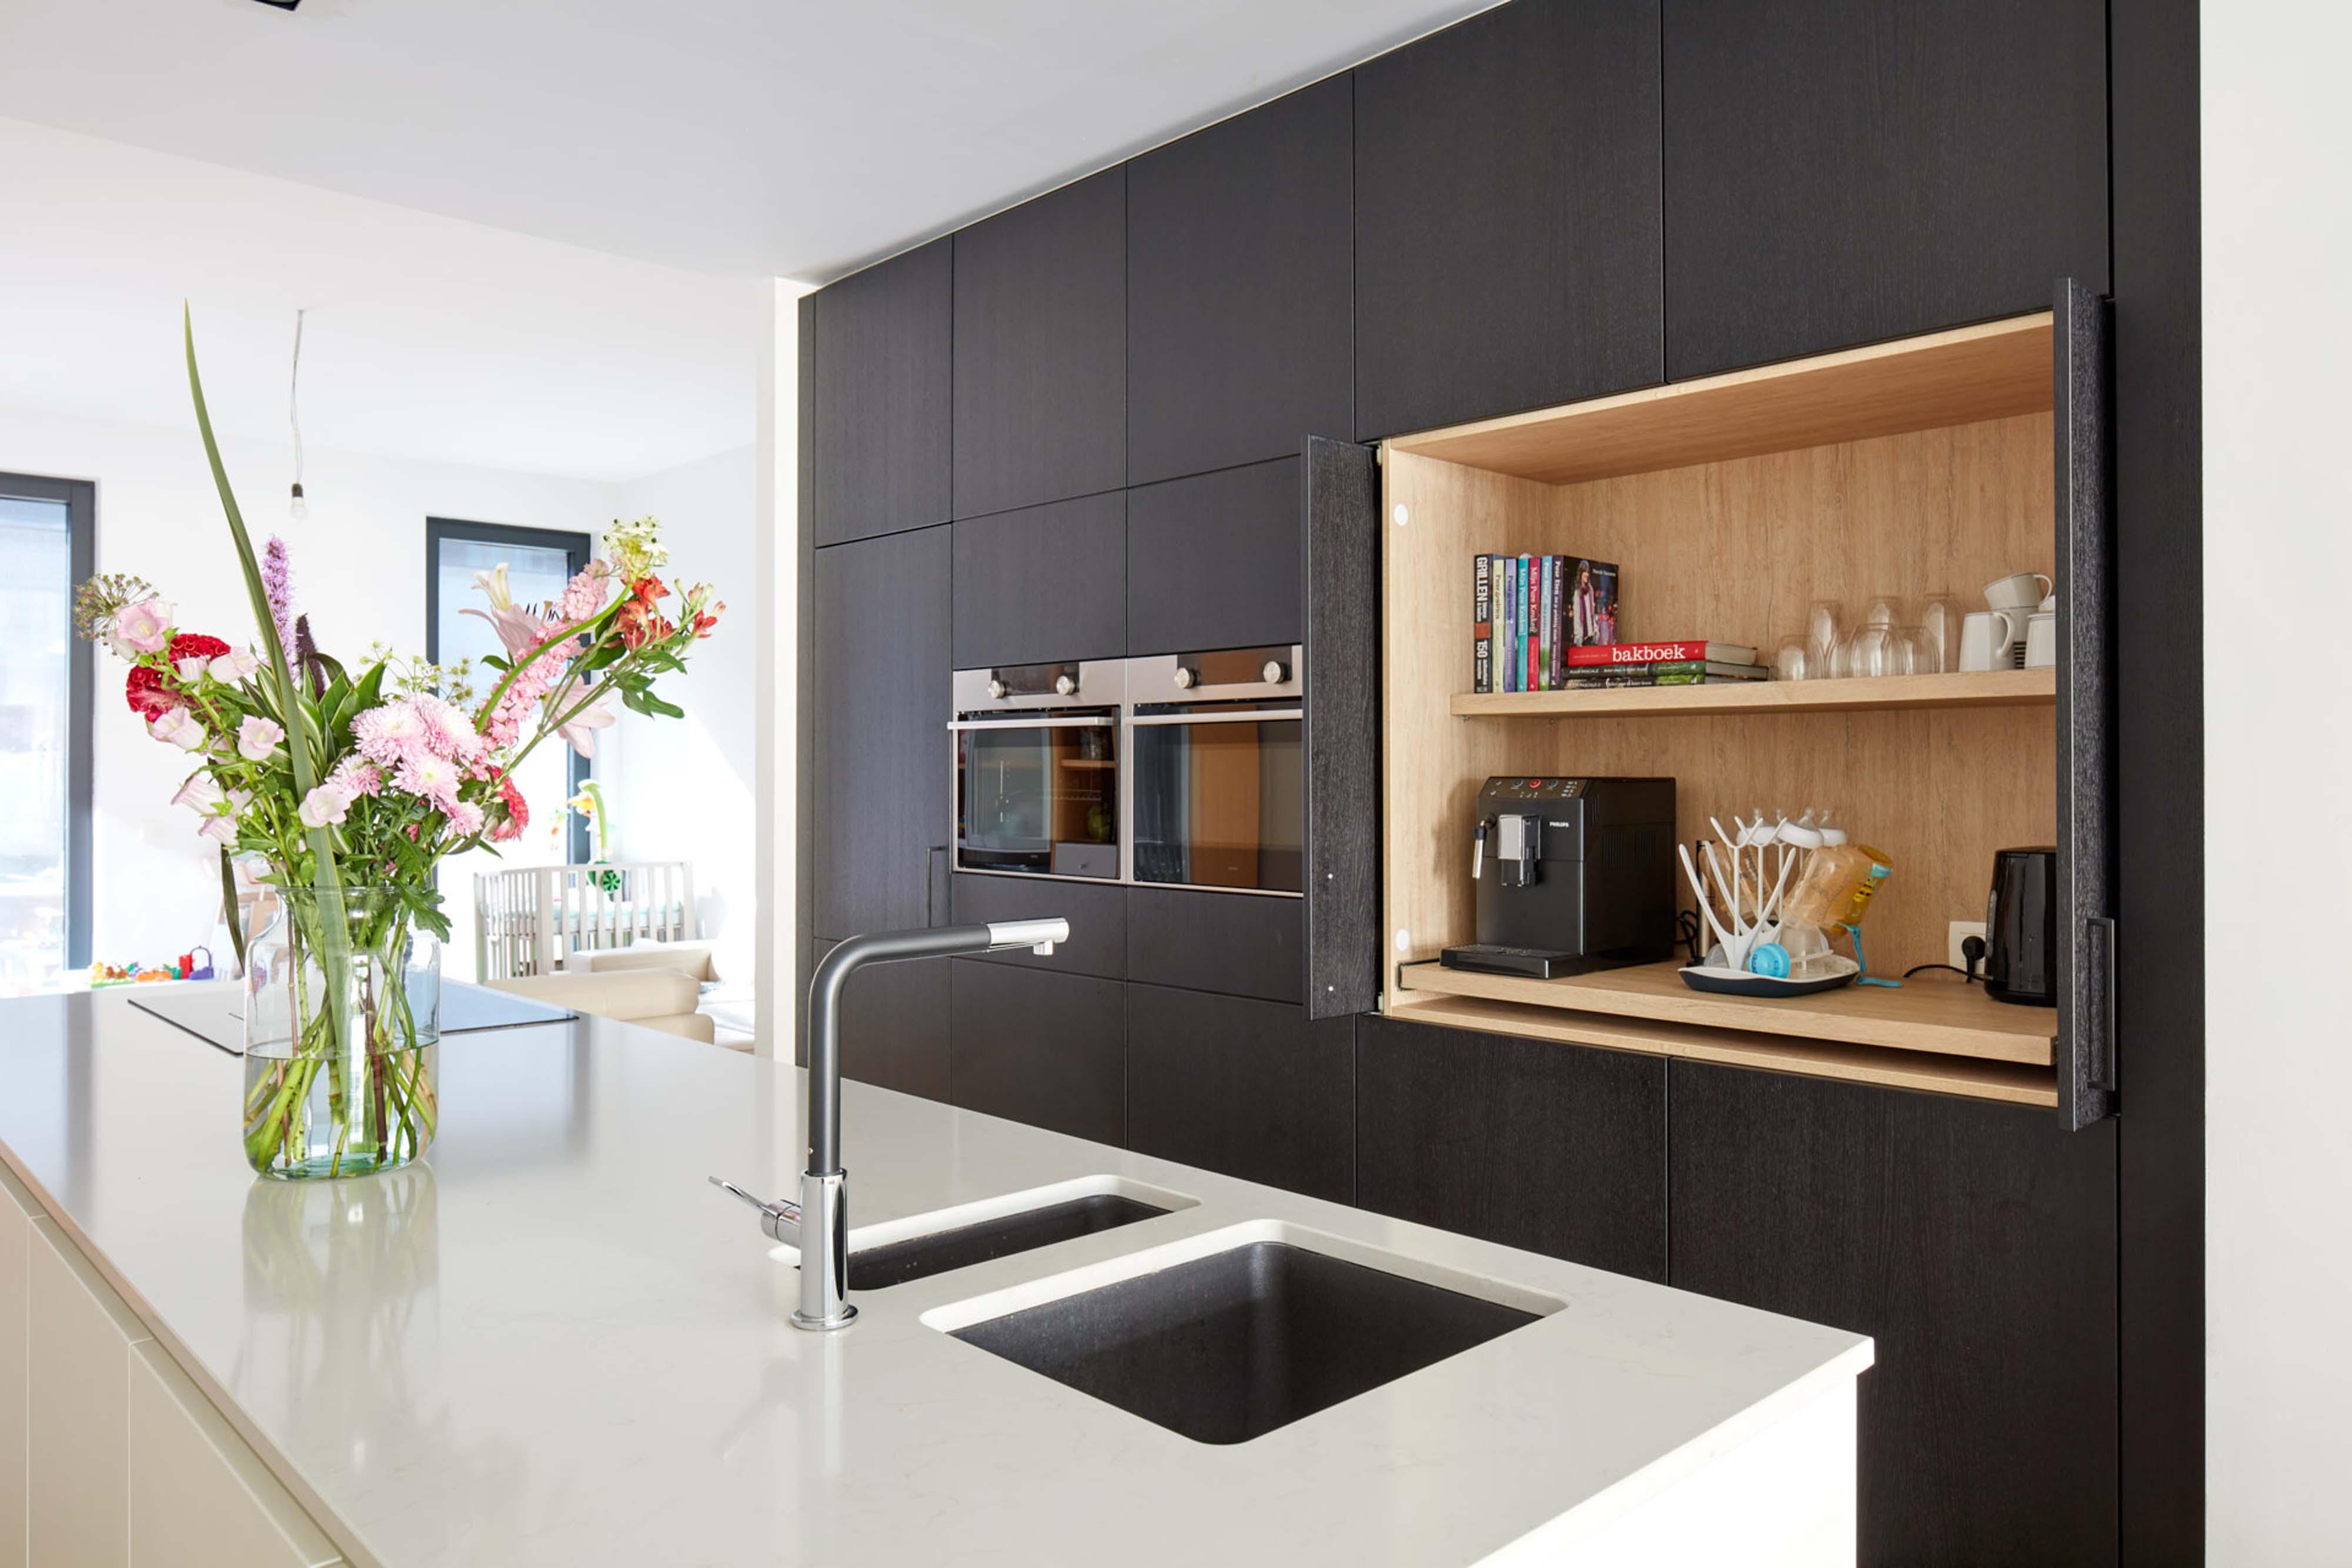 Webo-keukens-op-maat-Antwerpen-Willemsen-kraan